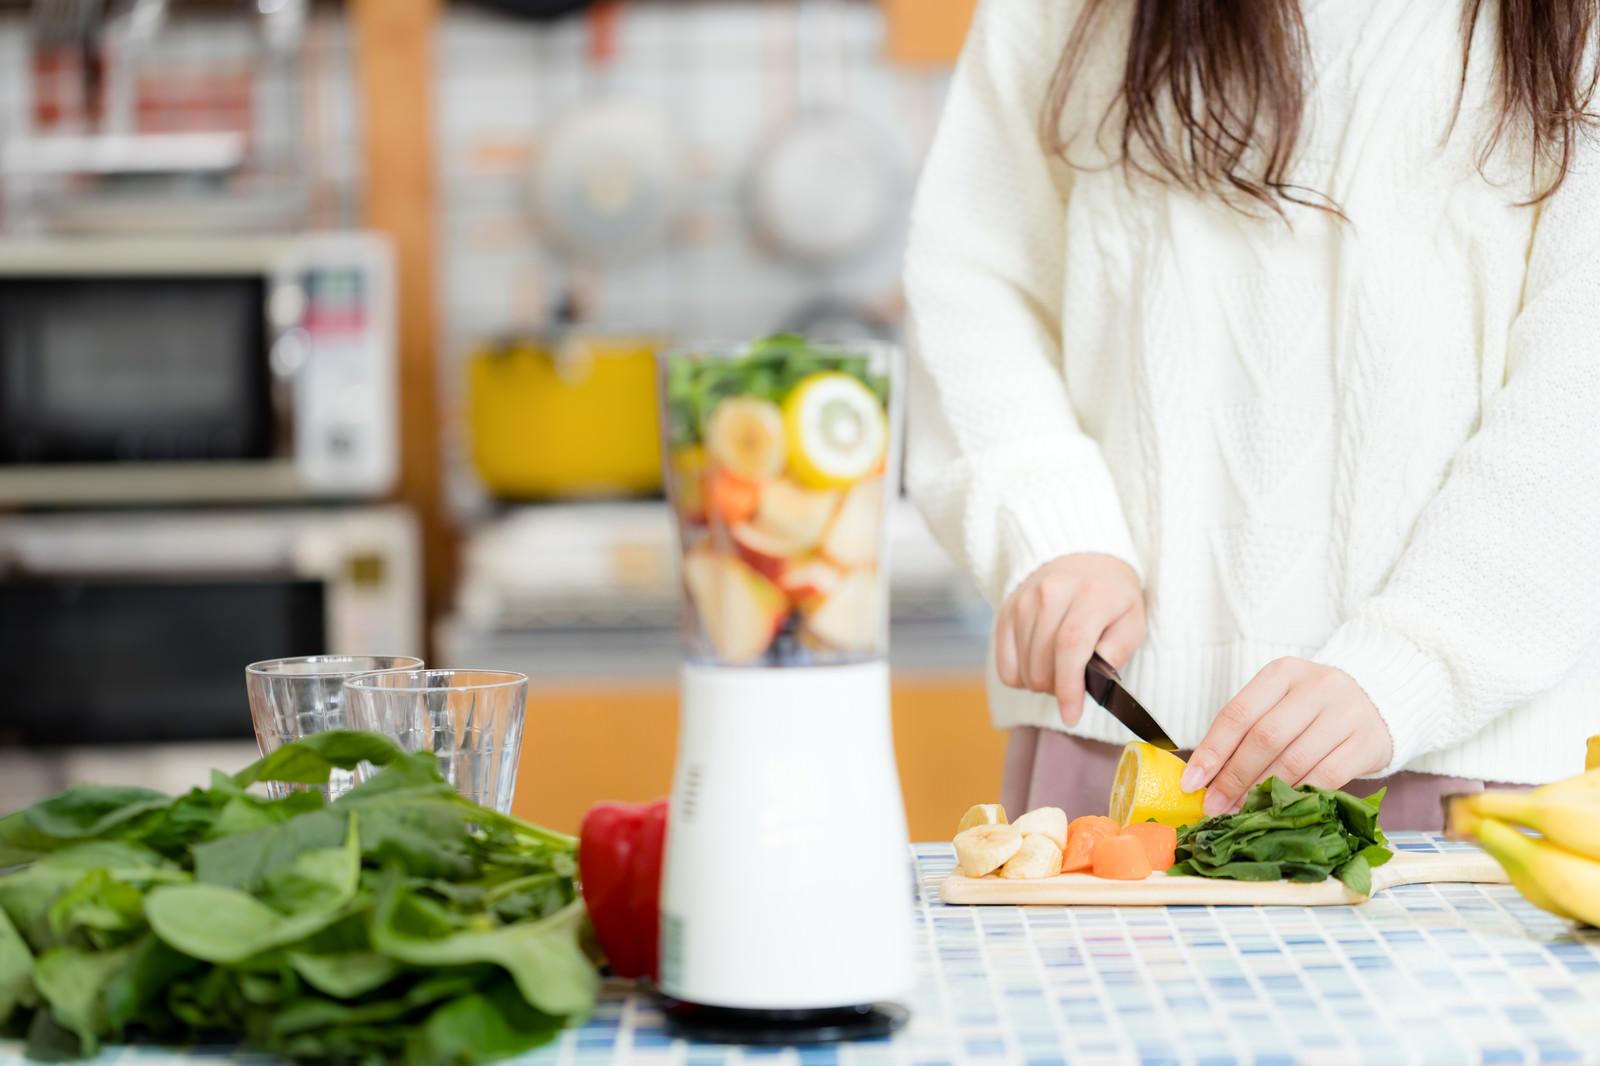 「キッチンでスムージー用の野菜をカットする女性」の写真